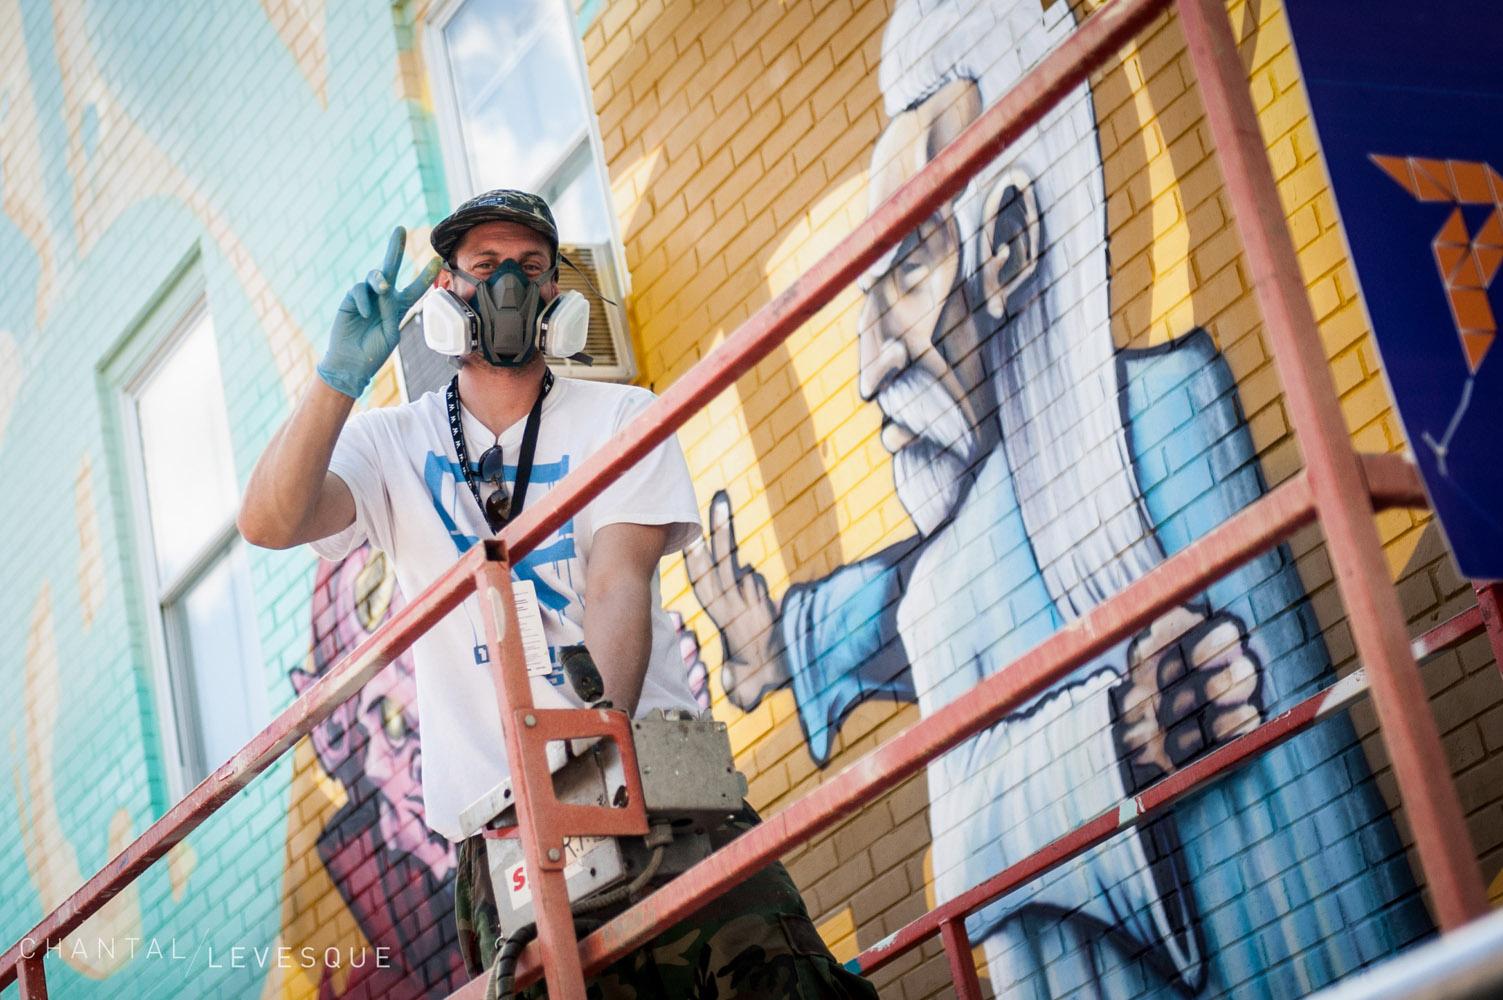 muralfestival-5354.jpg